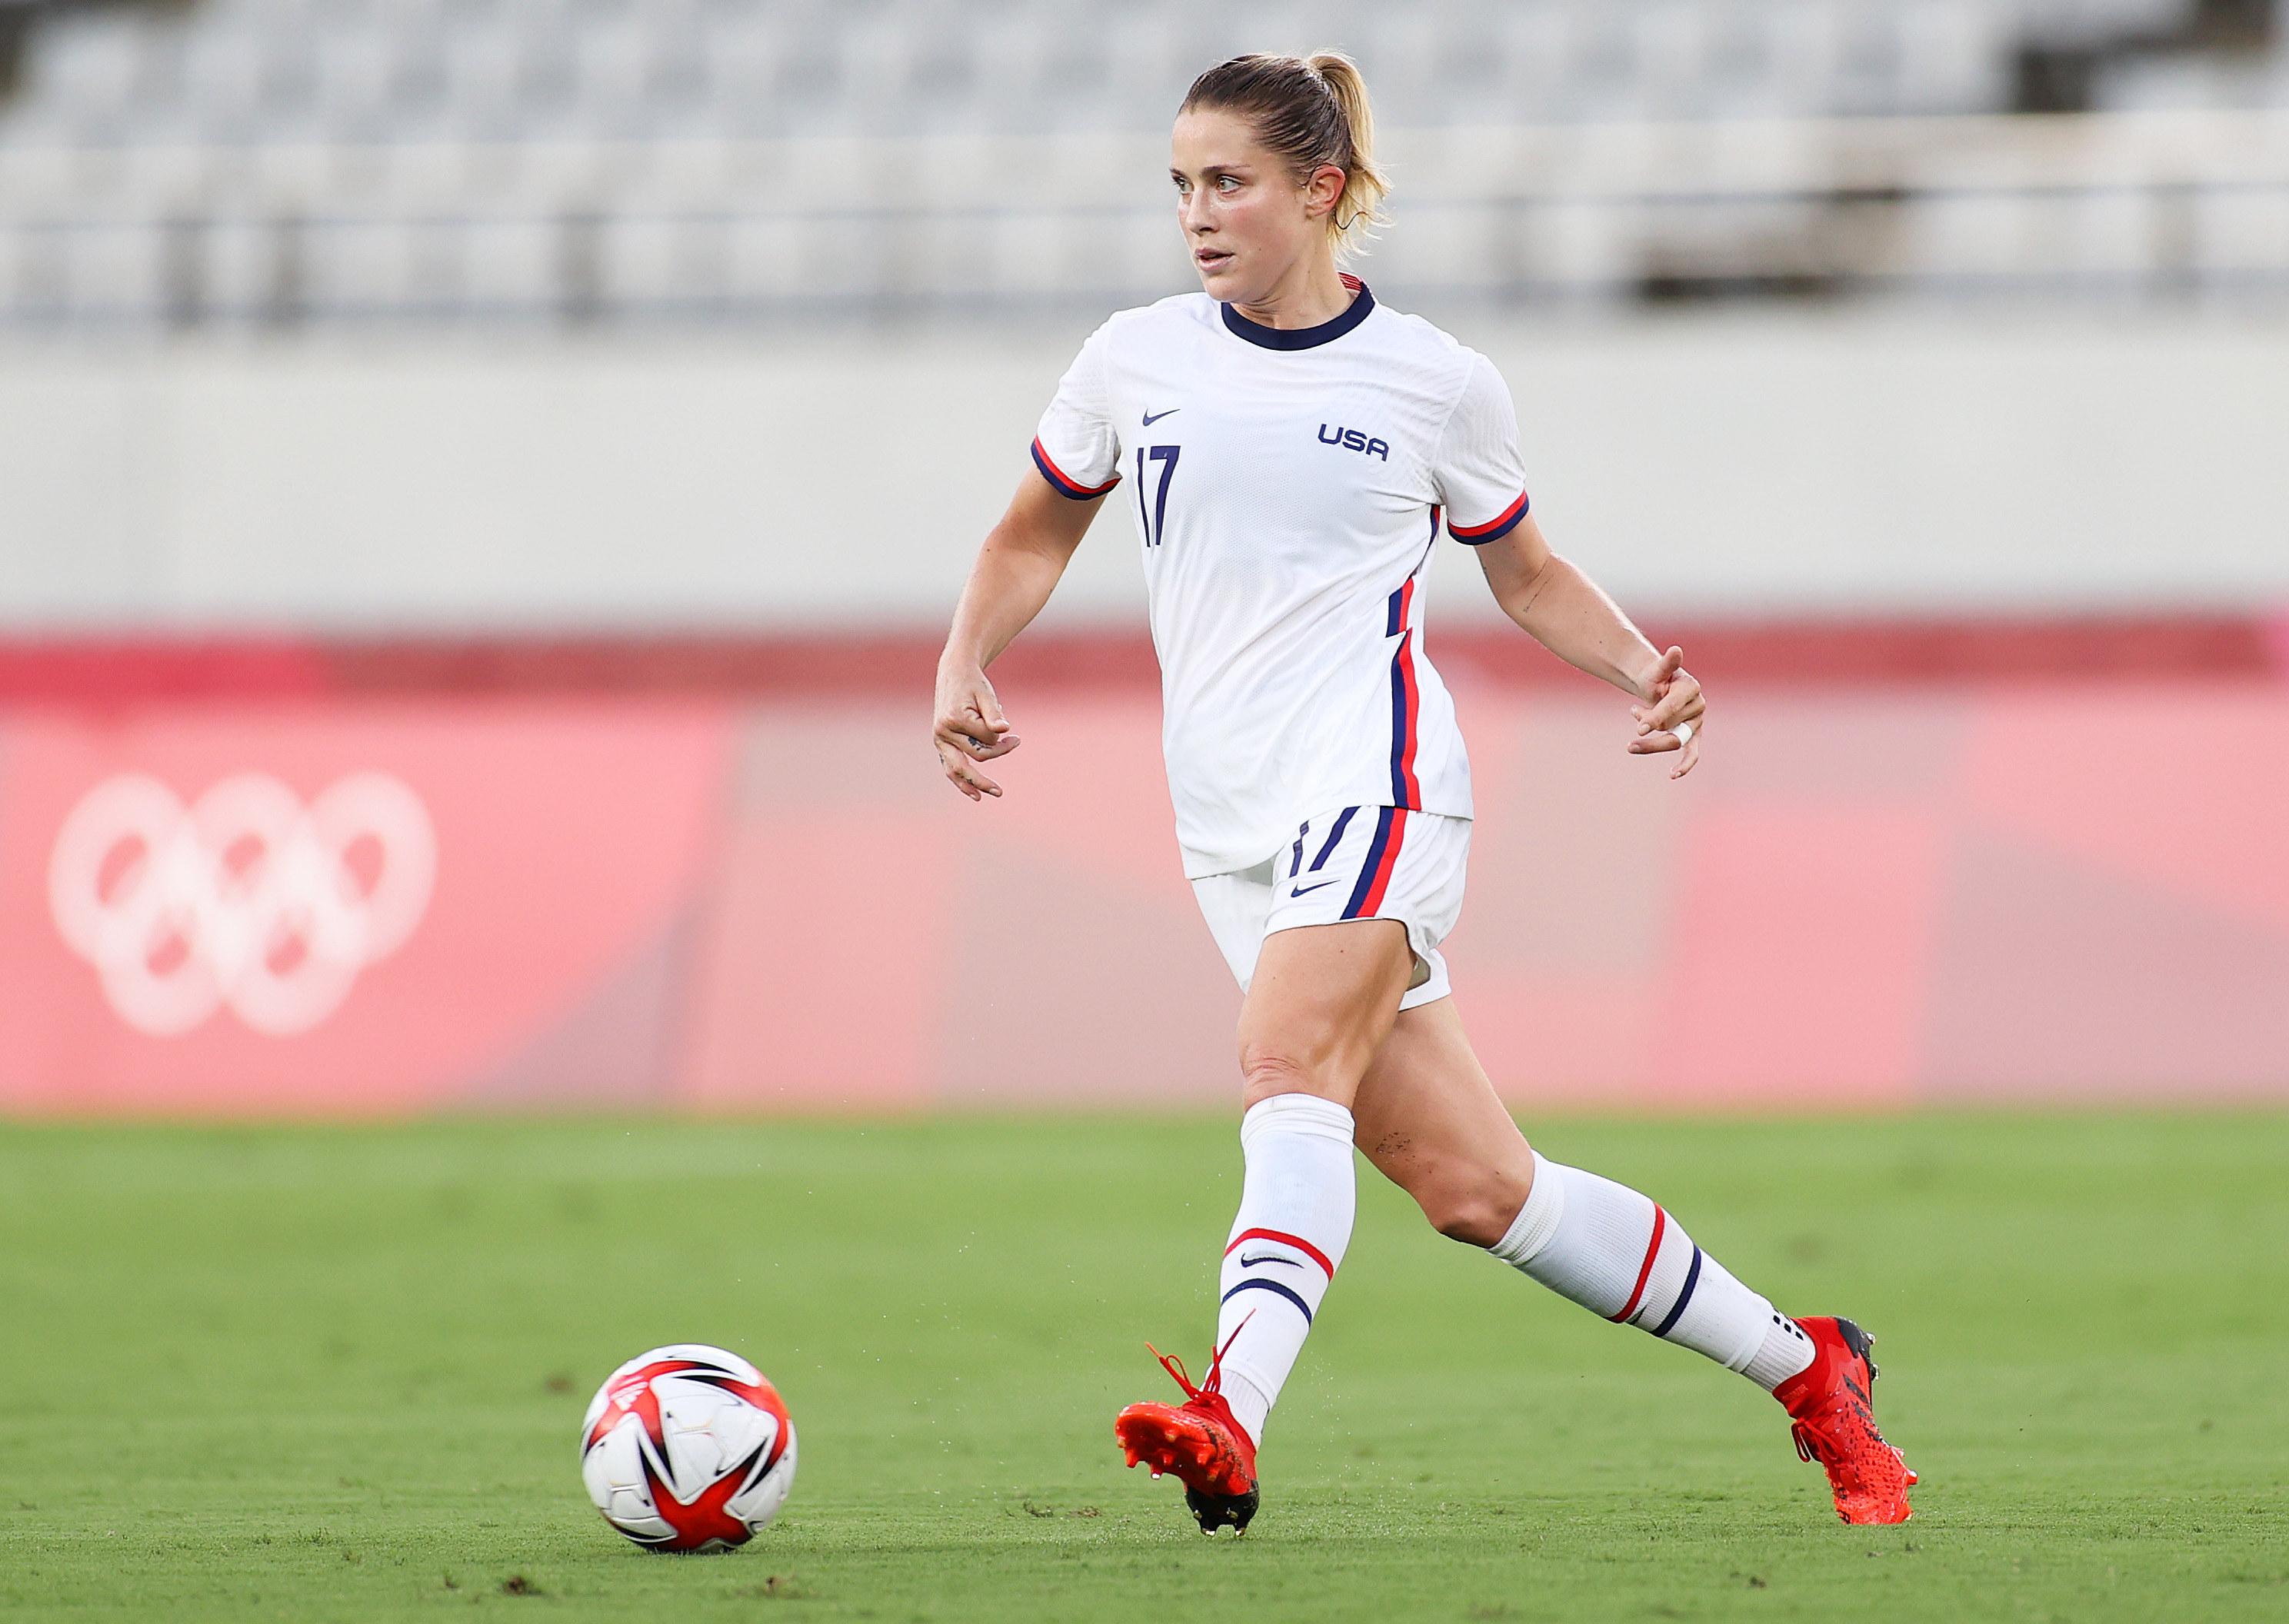 Abby Dahlkemper dribbles soccer ball